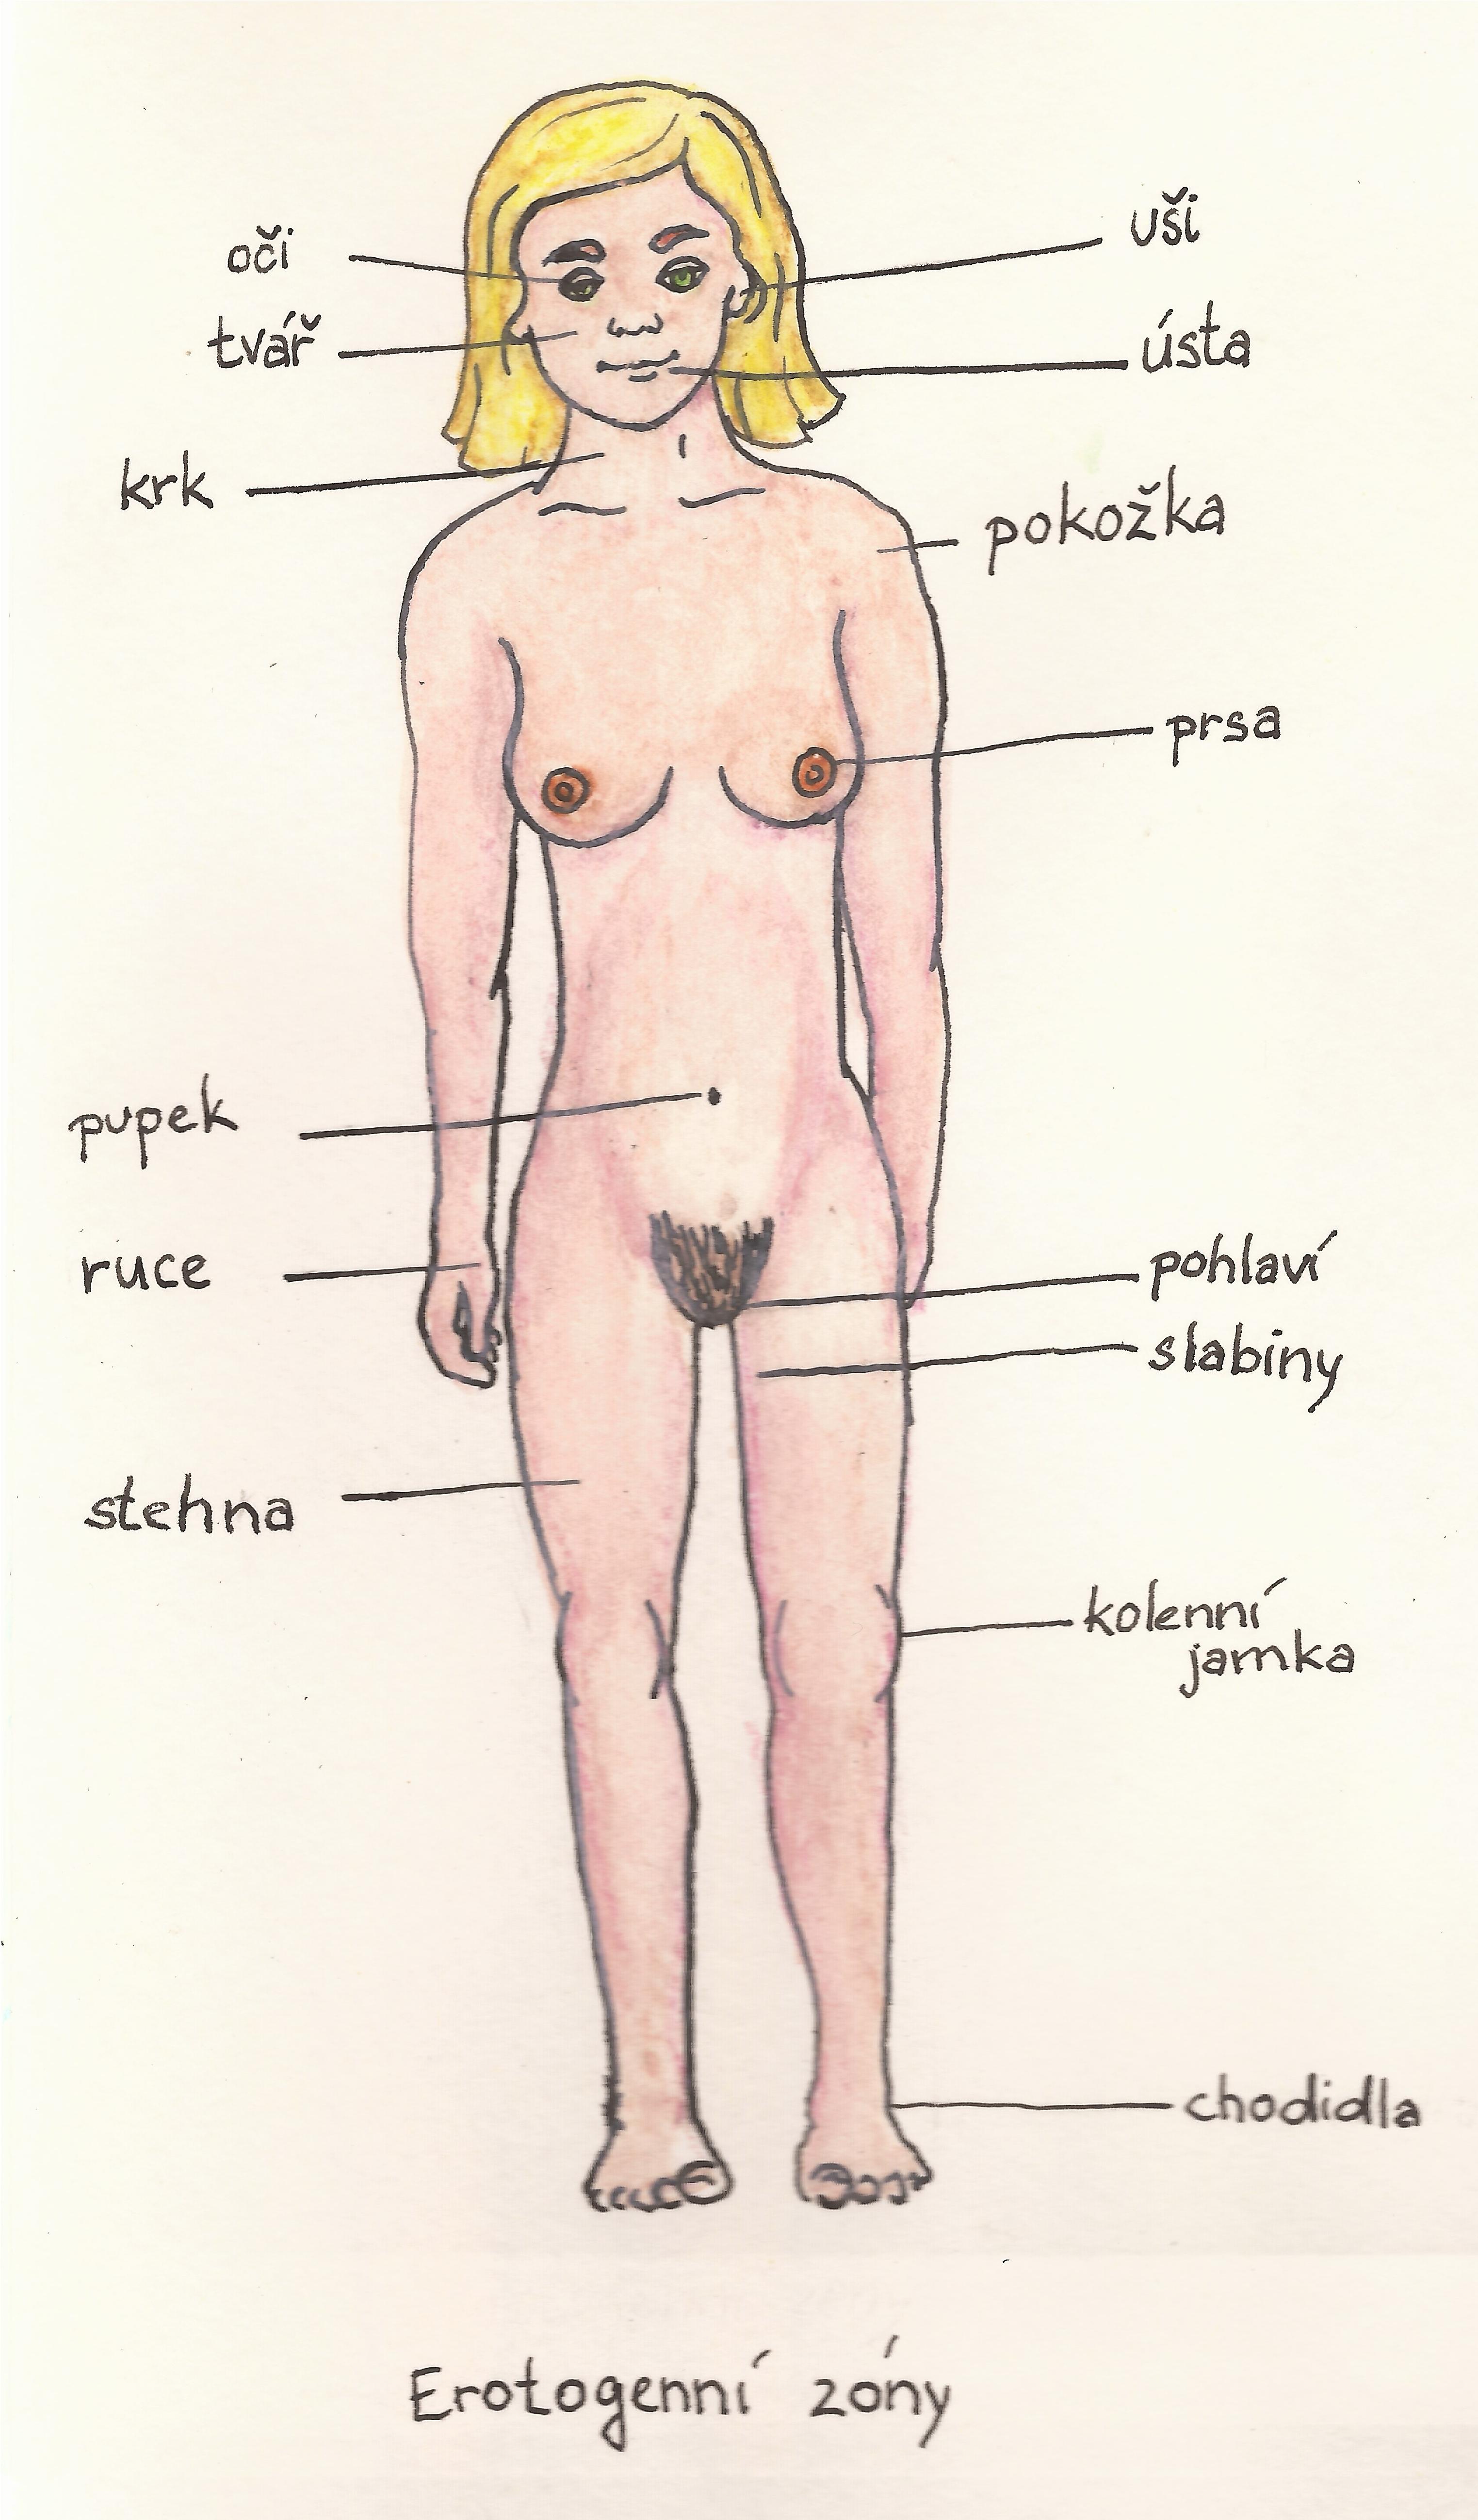 erotogenní zóny